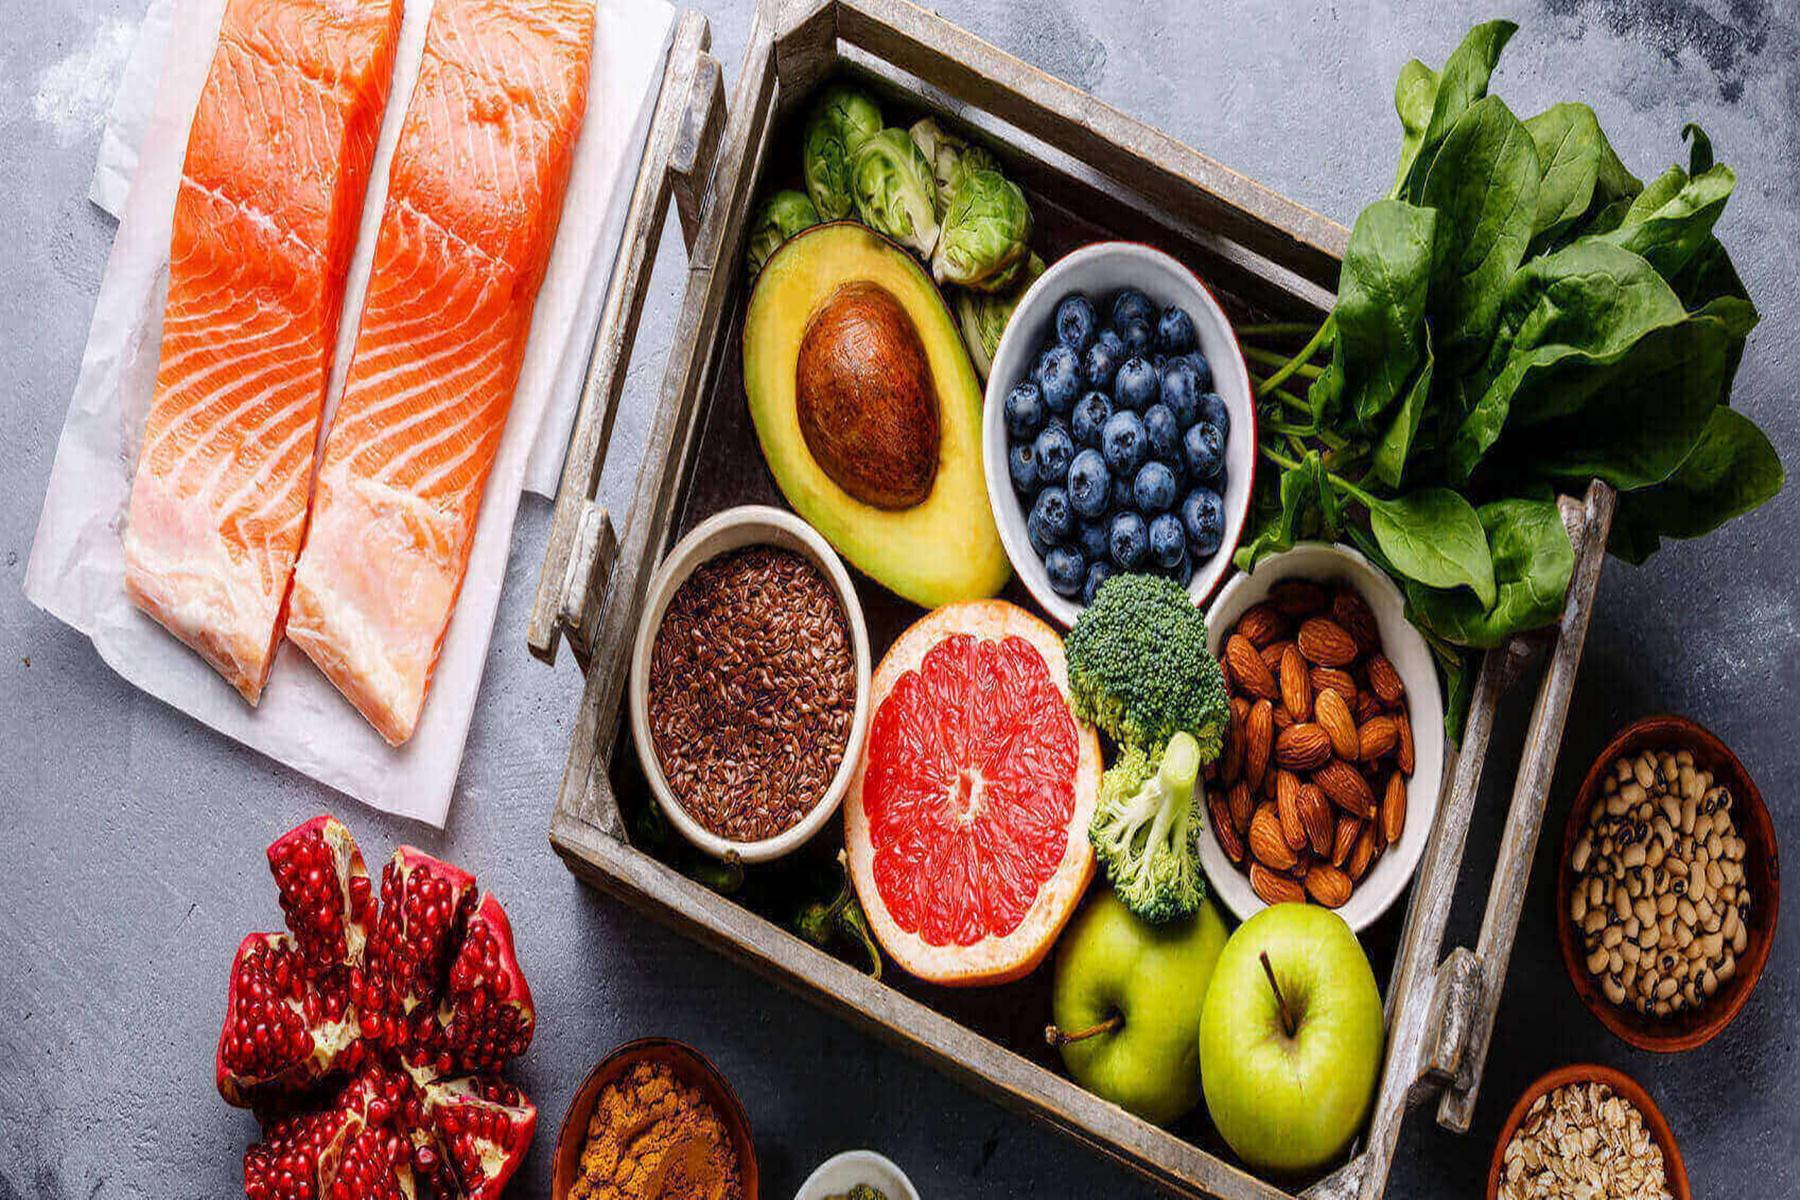 Διατροφή : Τροφές για την υγεία των ματιών σας